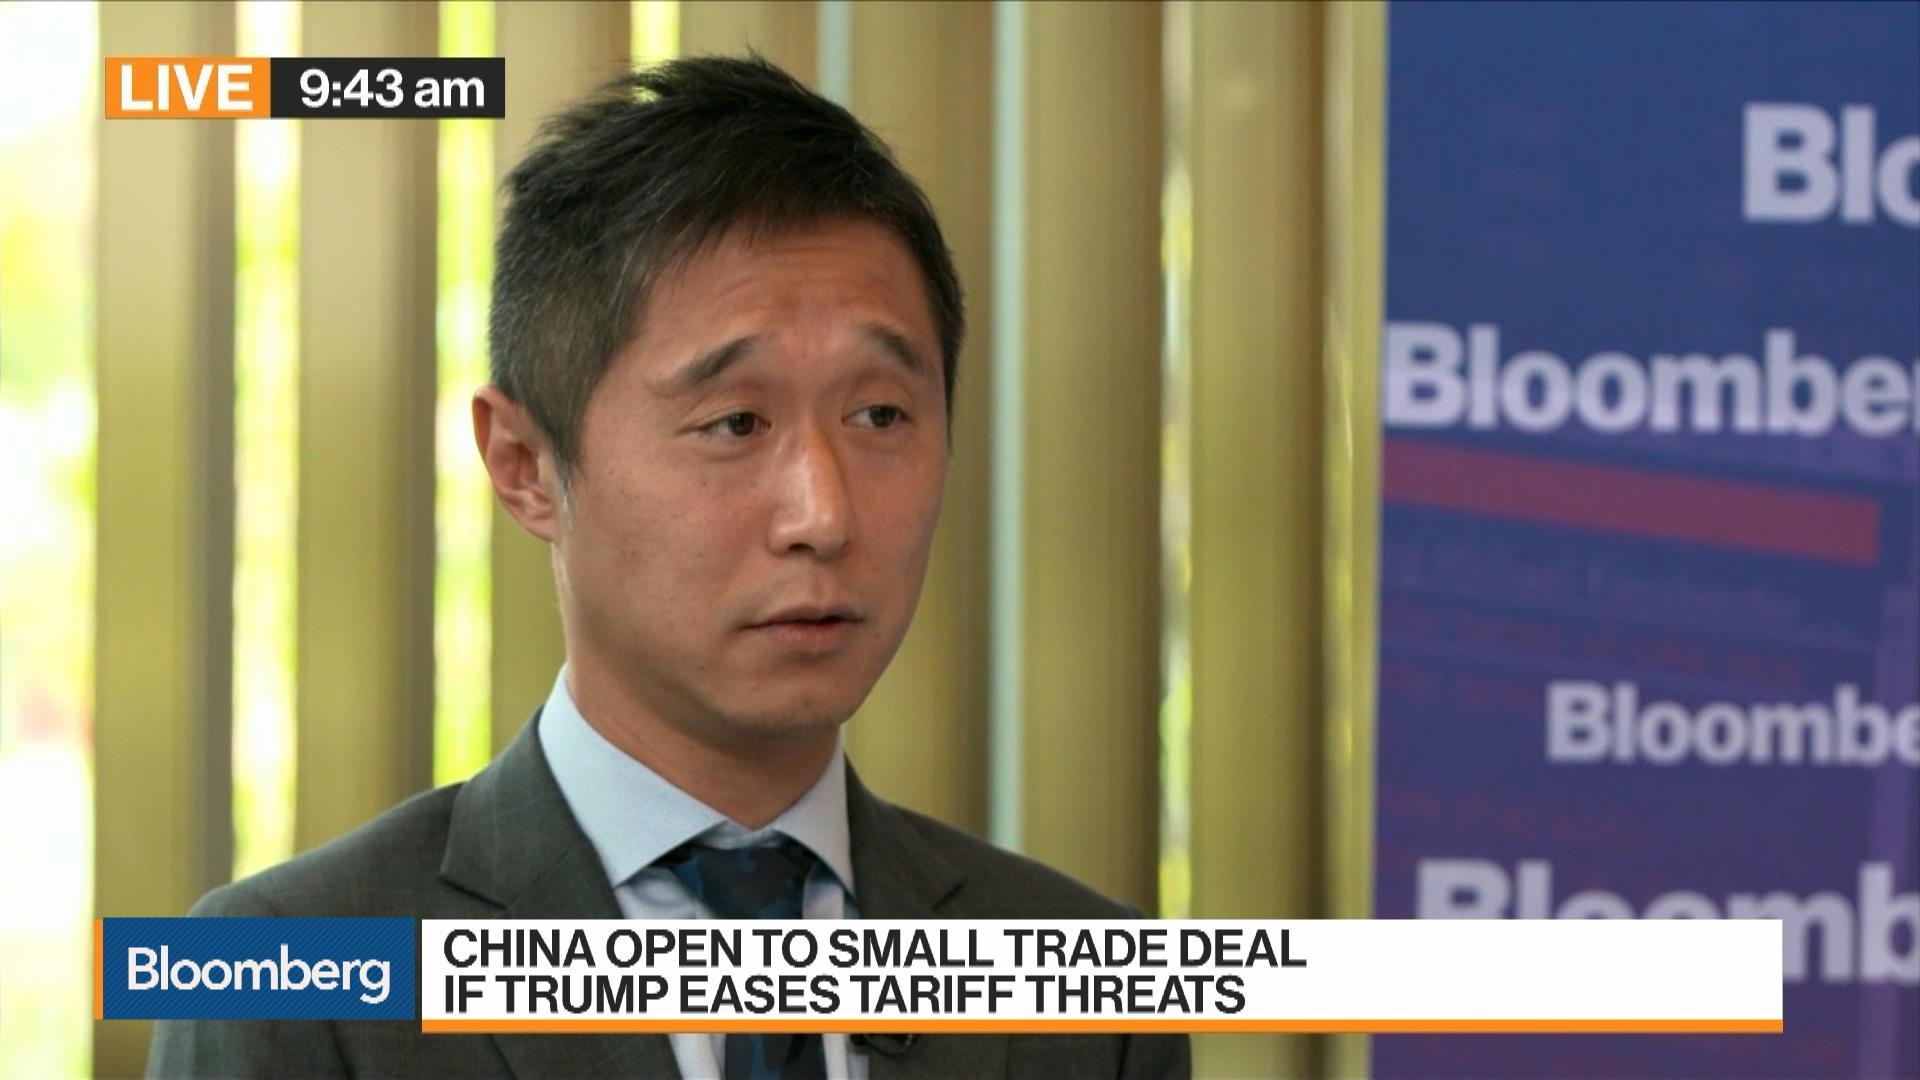 JPMorgan China CEO Mark Leung on U.S.-China Trade, China Expansion